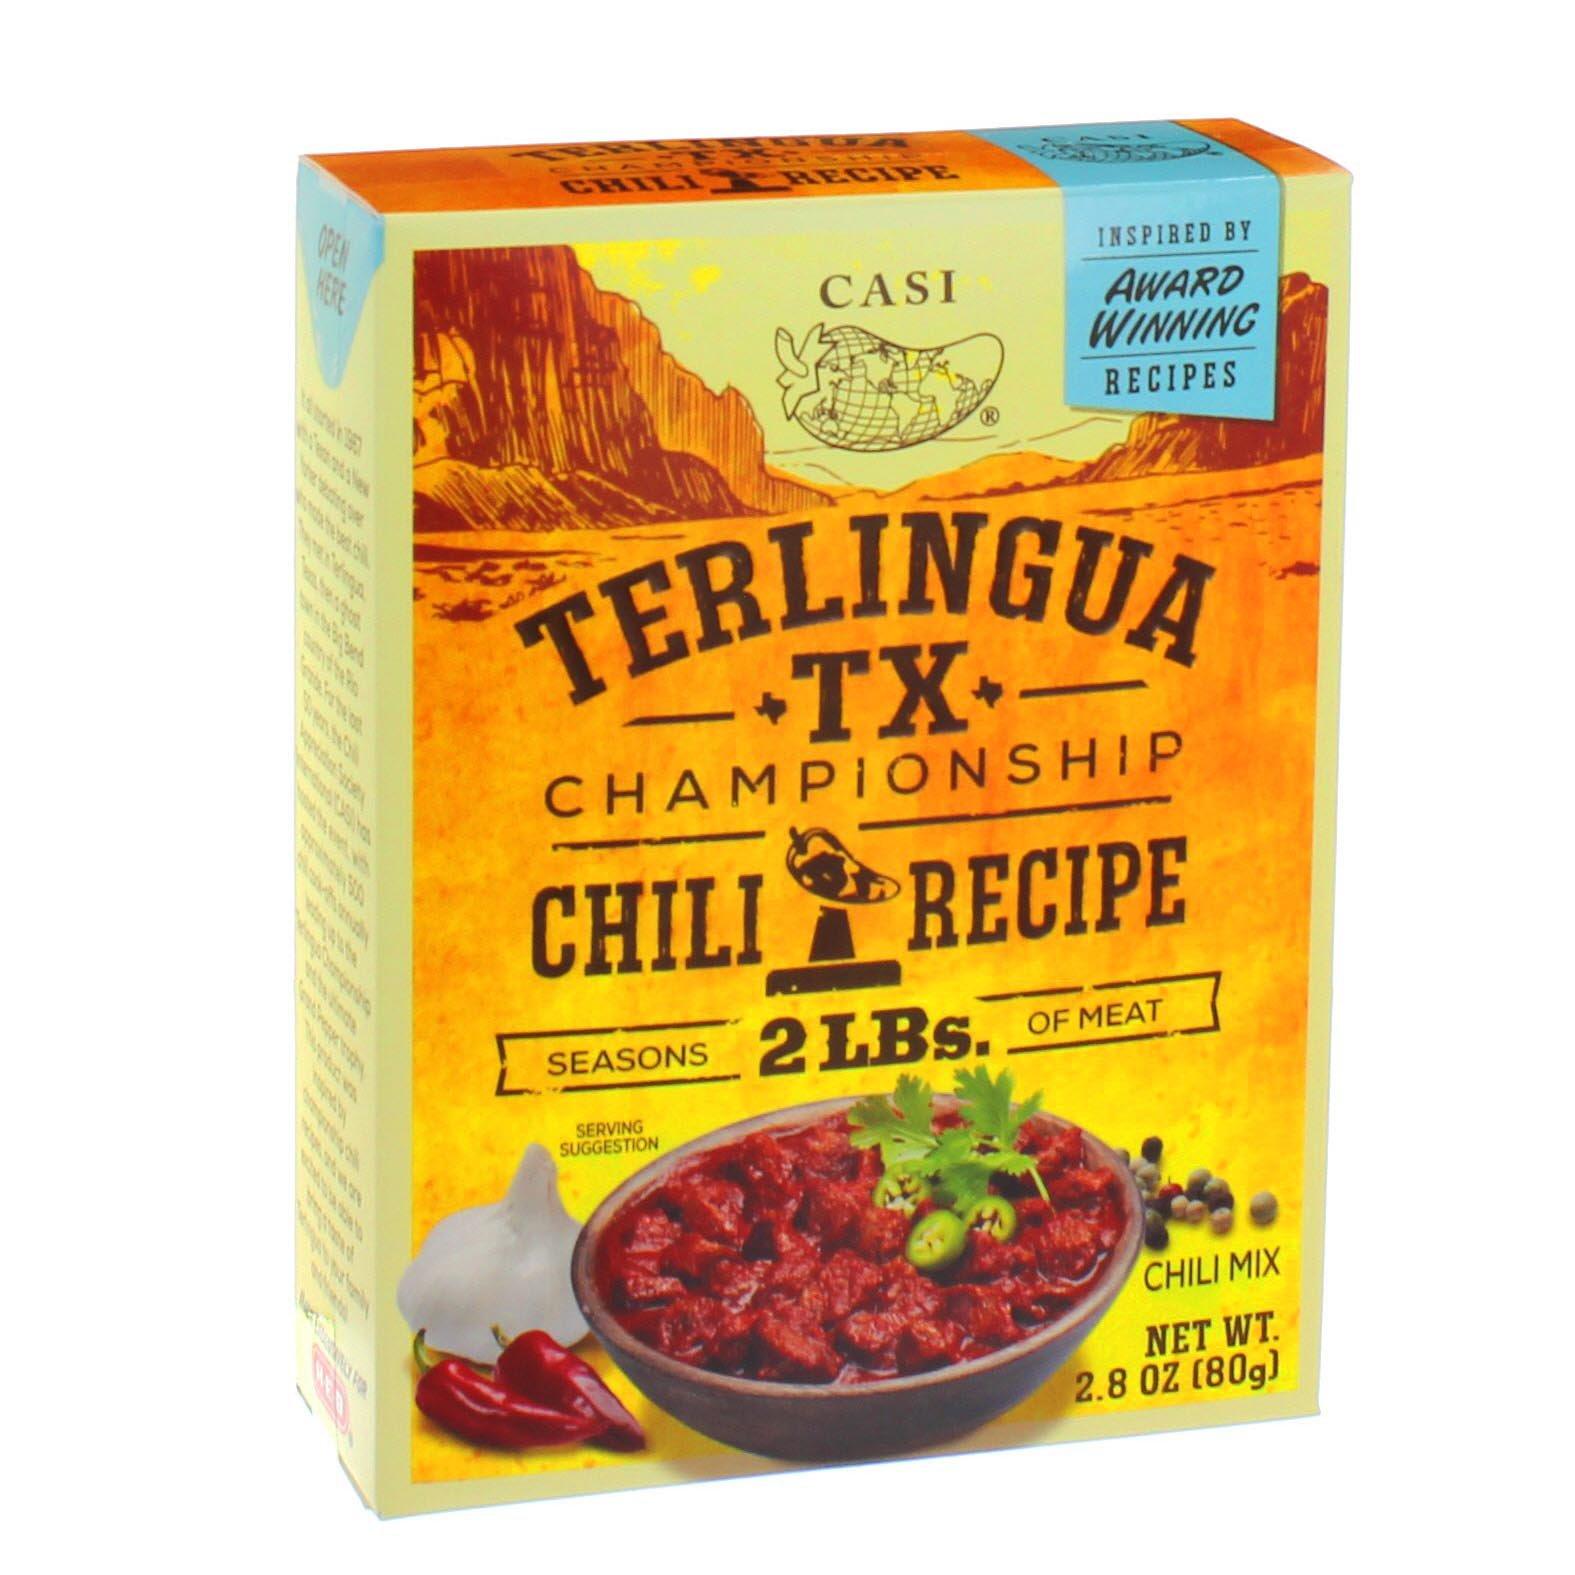 Casi Terlingua Tx Championship Chili Recipe Mix Shop Soups Chili At H E B